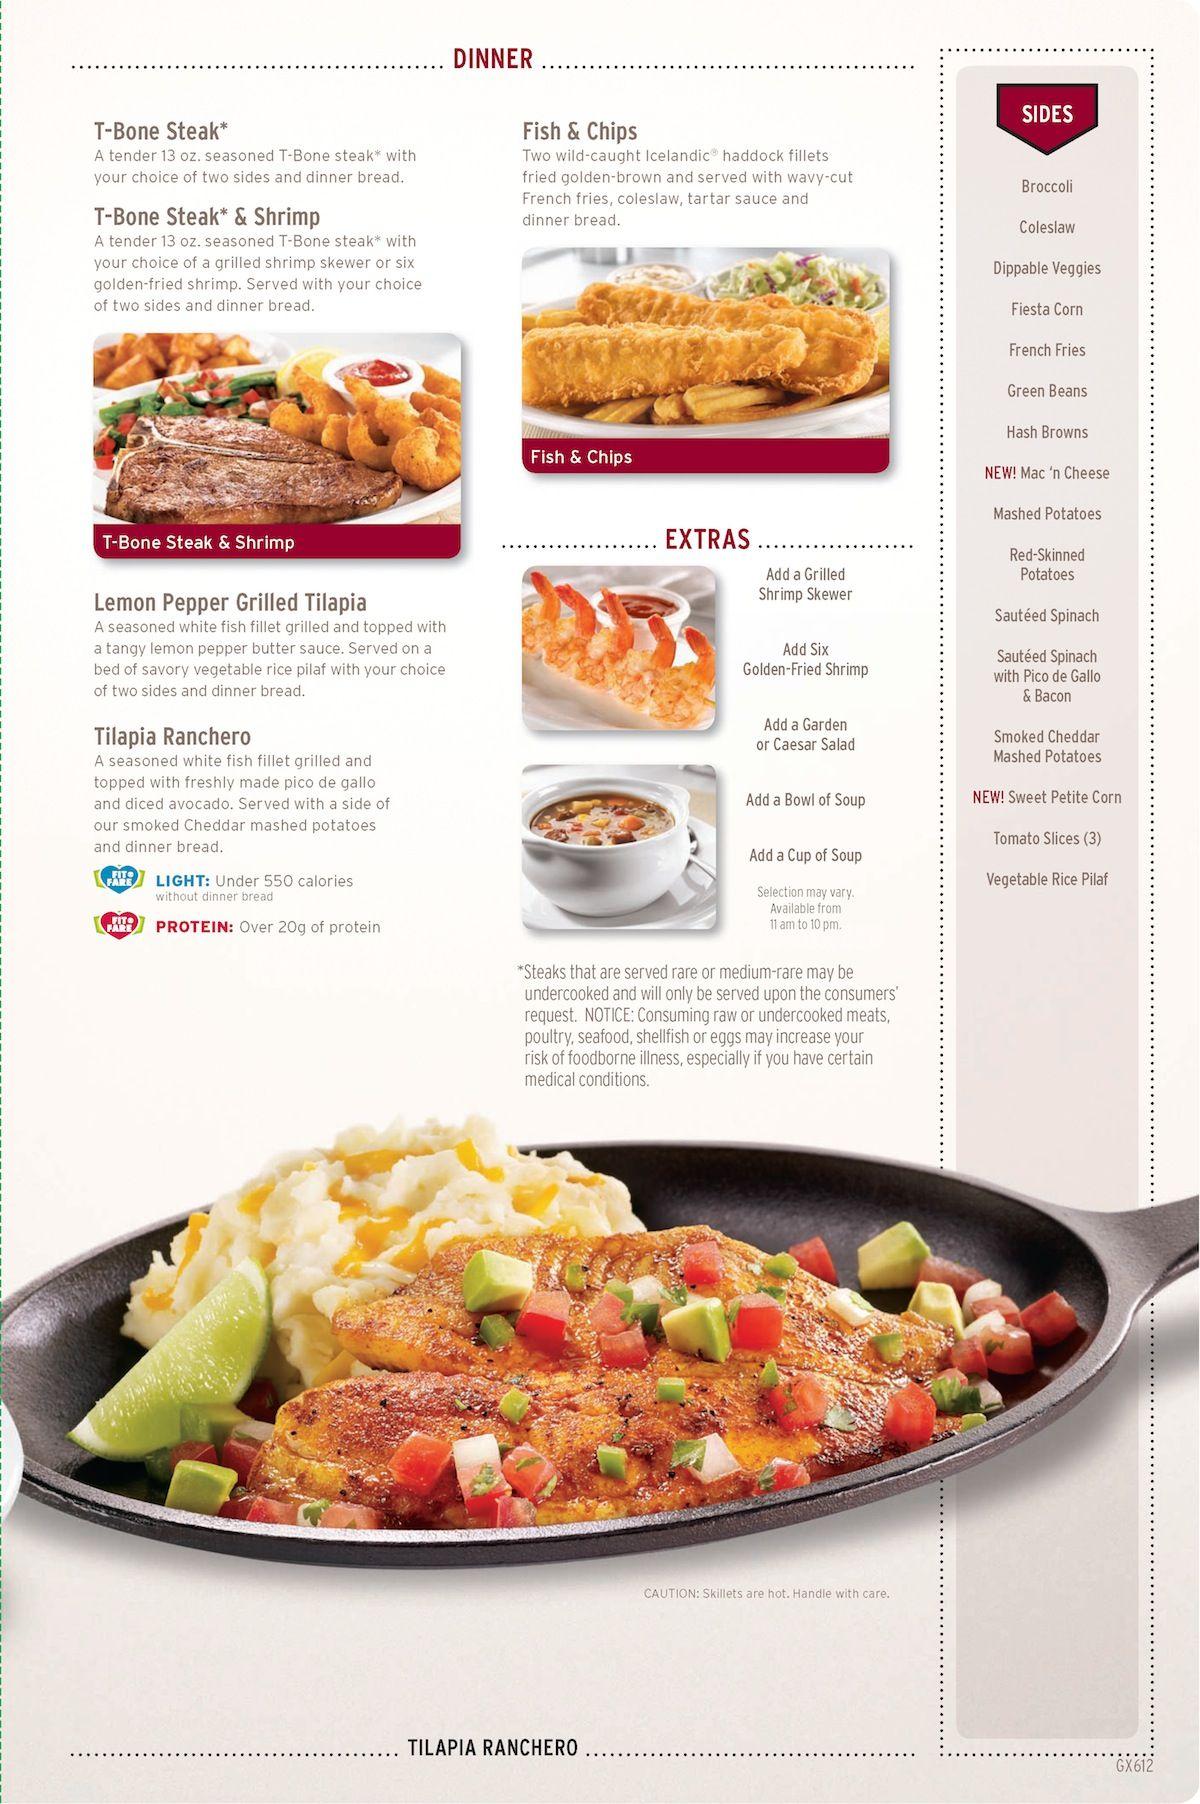 Dennys dinner 22 menu restaurant menu